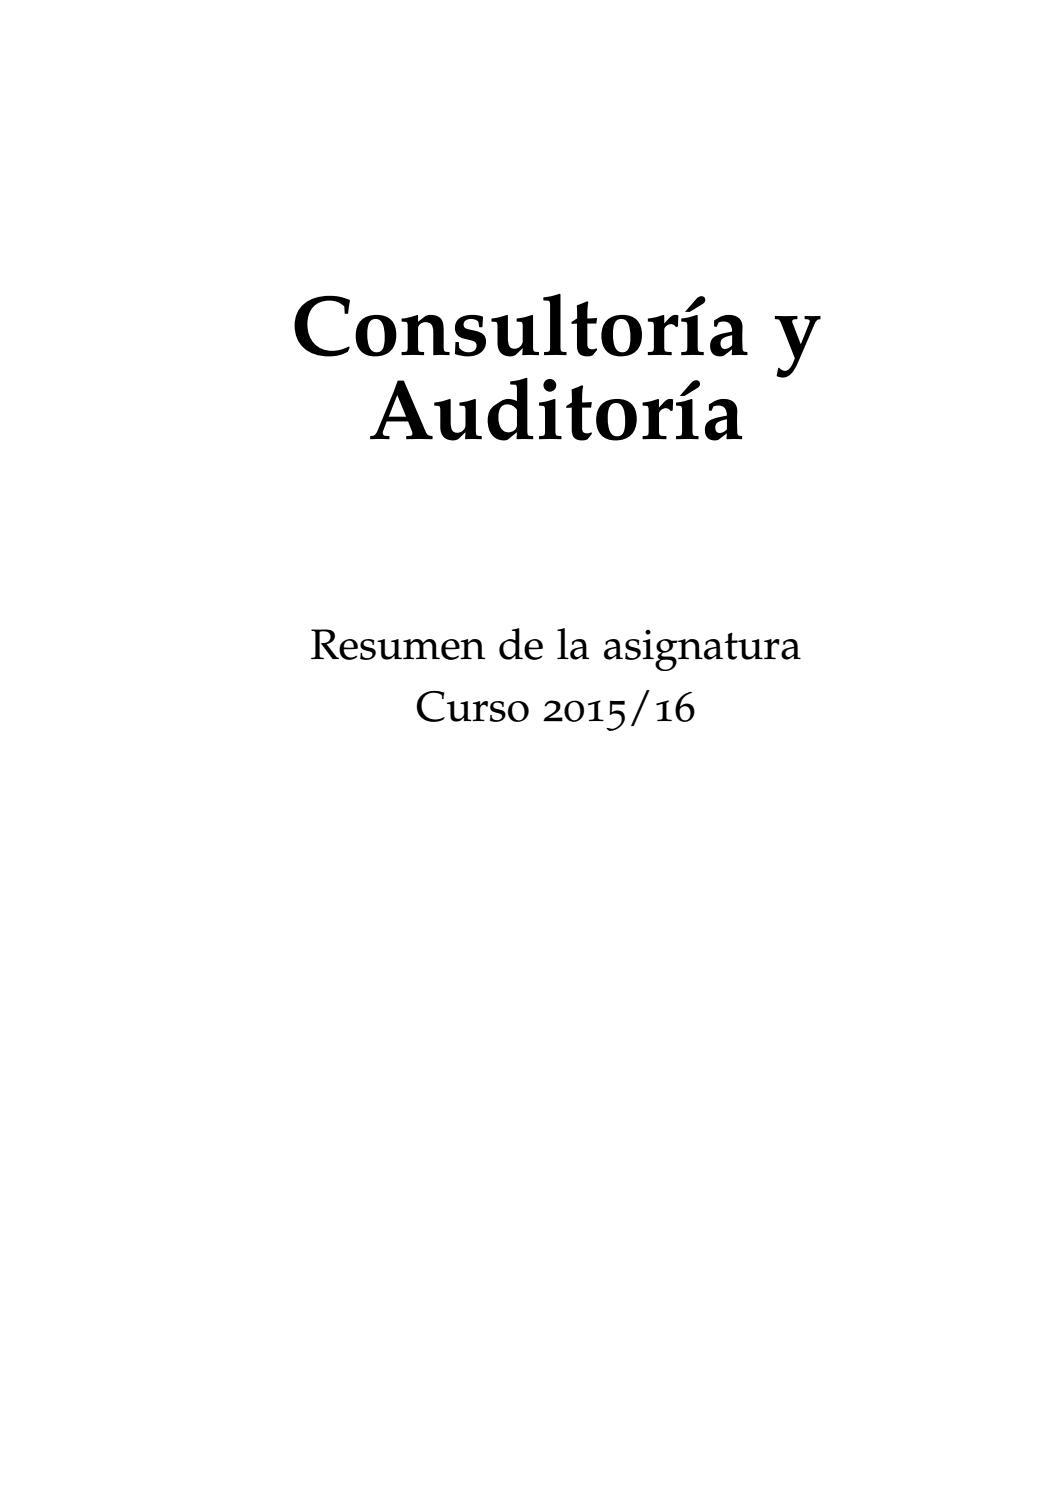 Consultoría y auditoría resumen by arrobaforma - issuu